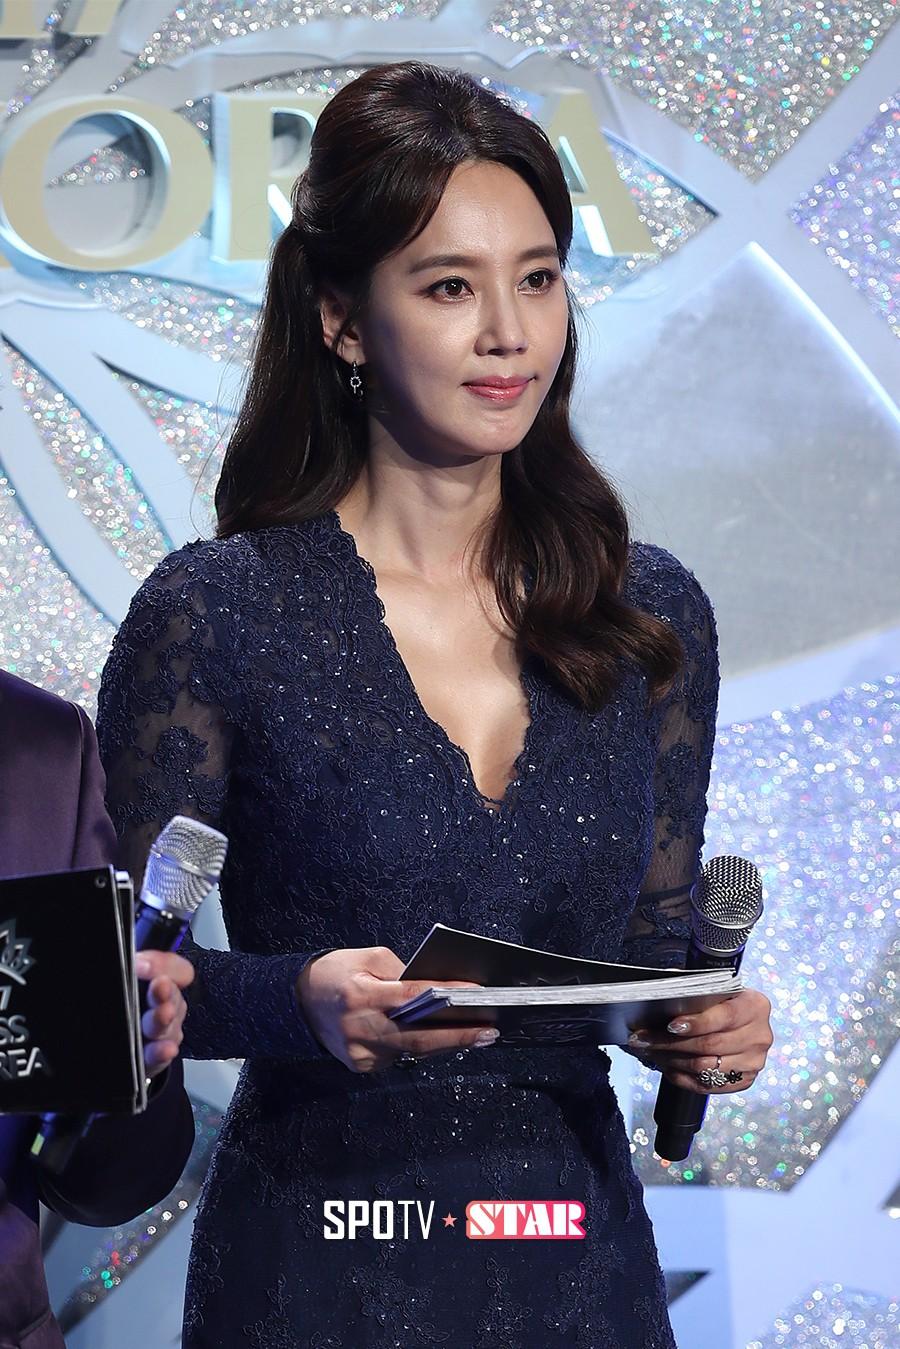 """Trớ trêu các cuộc thi sắc đẹp Hàn Quốc: Hoa hậu bị """"kẻ ngoài cuộc"""" lấn át nhan sắc ngay trong đêm đăng quang! - Ảnh 12."""